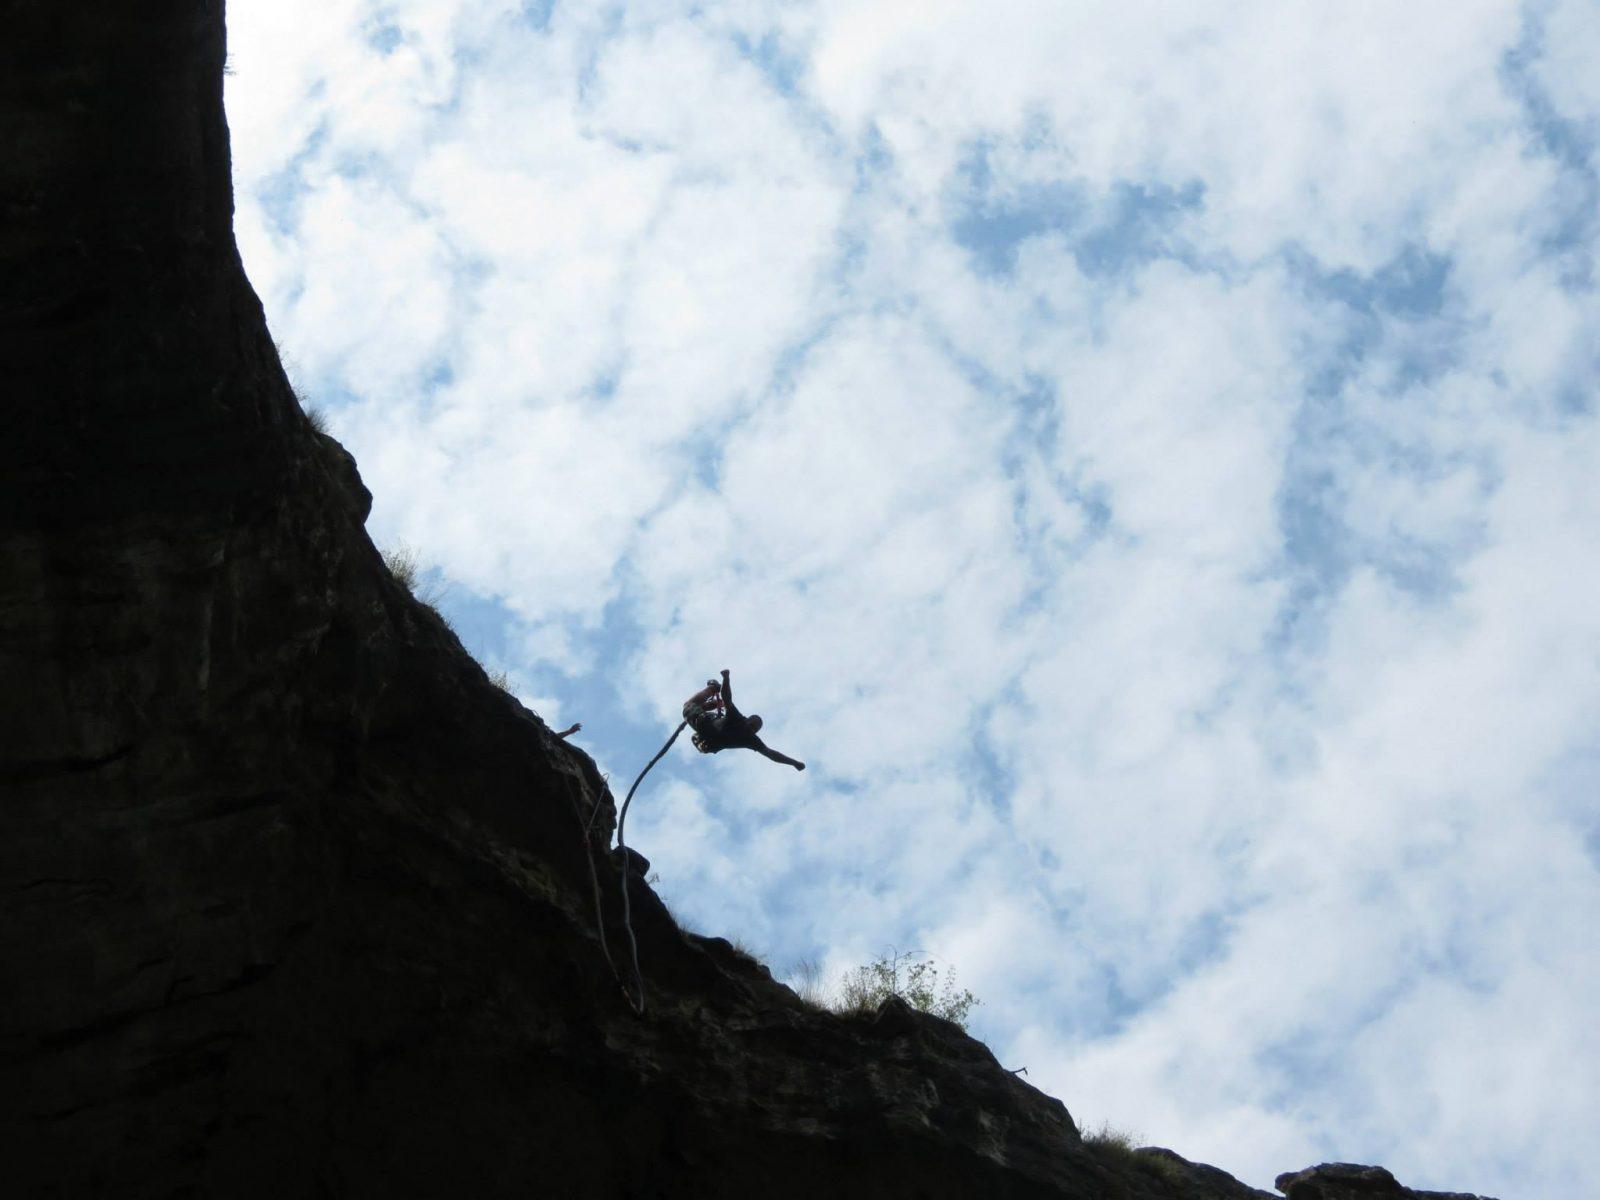 29-ти юли: Бънджи скокове на Проходна пещера